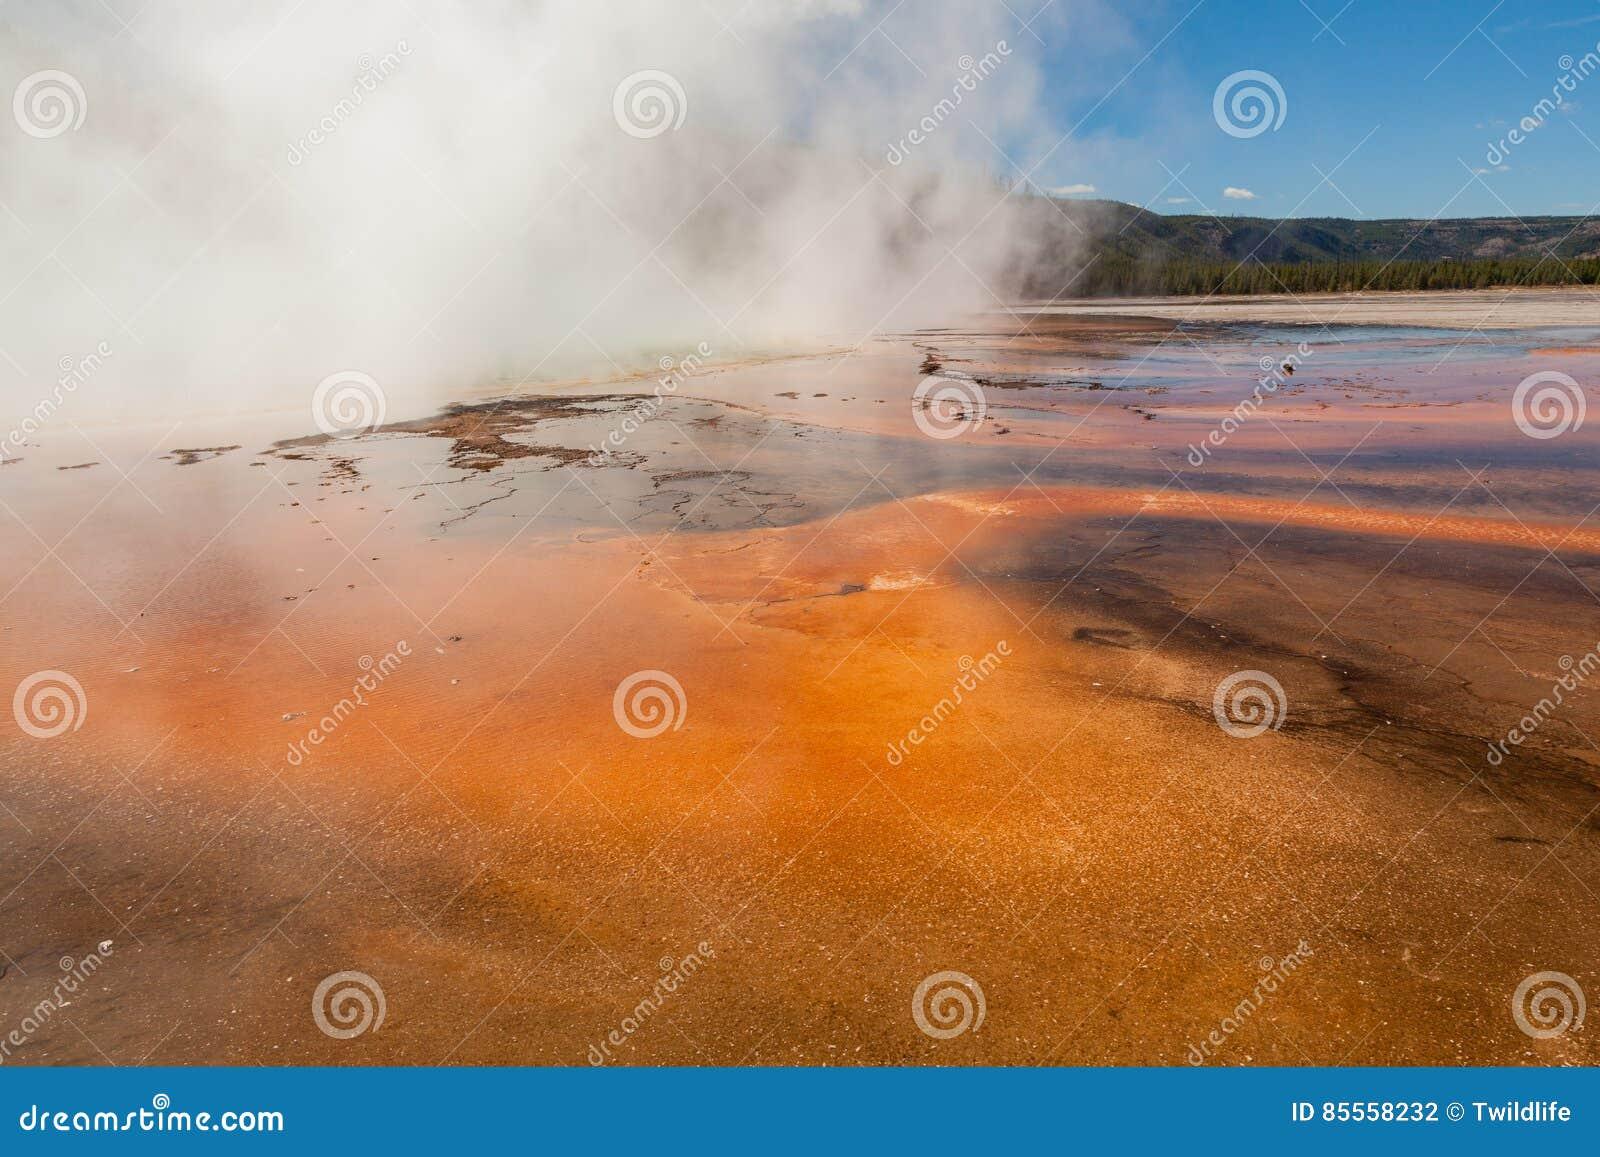 Geothermische heiße Quellen Yellowstone